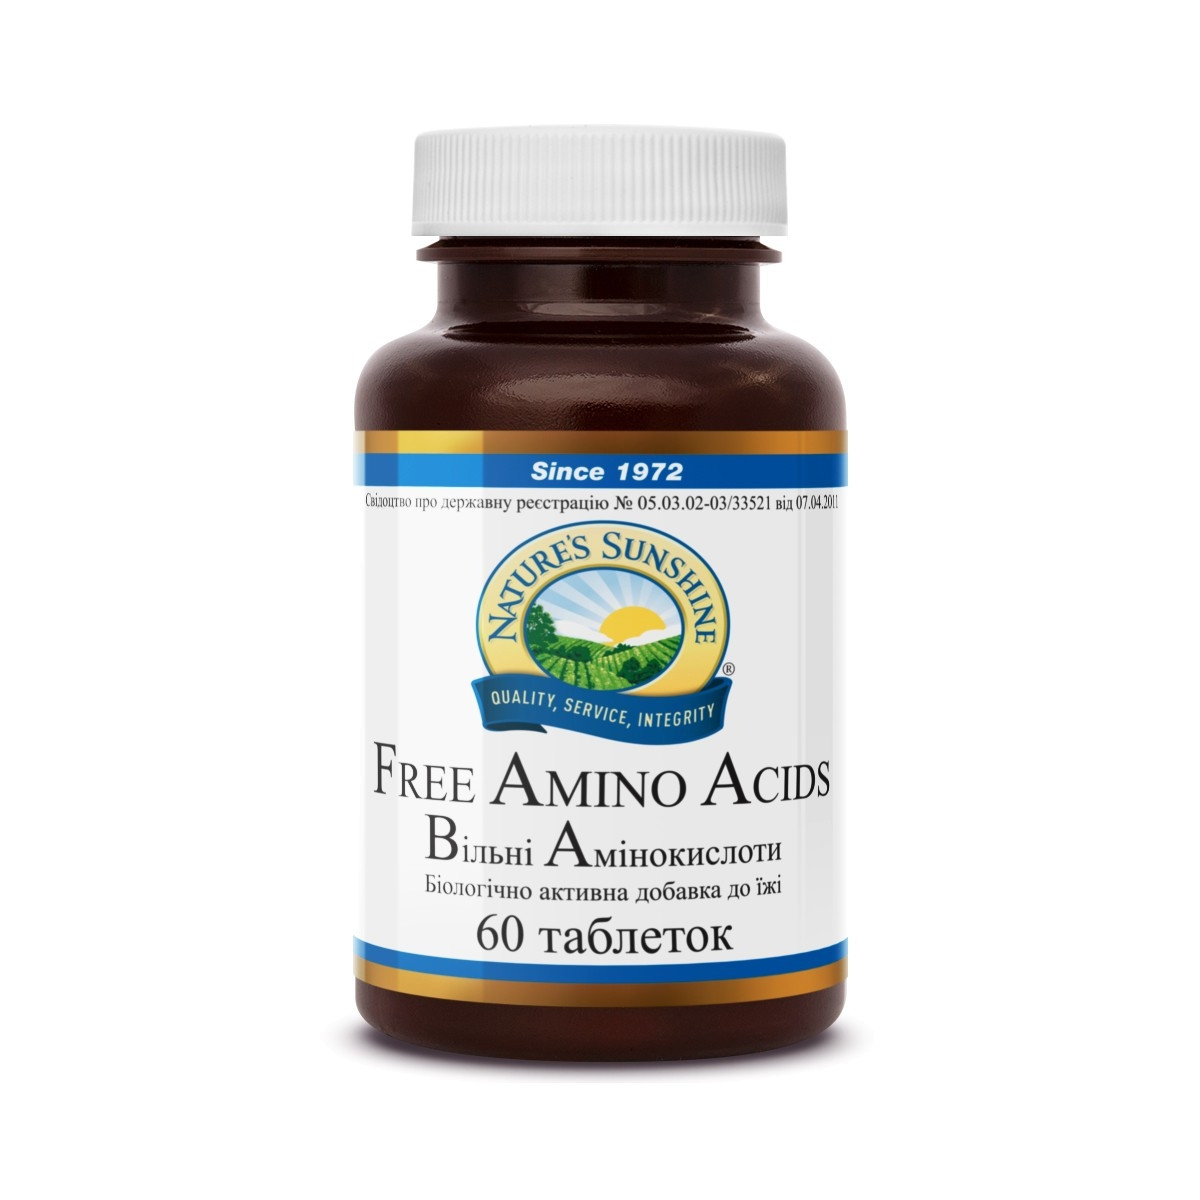 Свободные Аминокислоты бад НСП. белок для строения клеток организма.